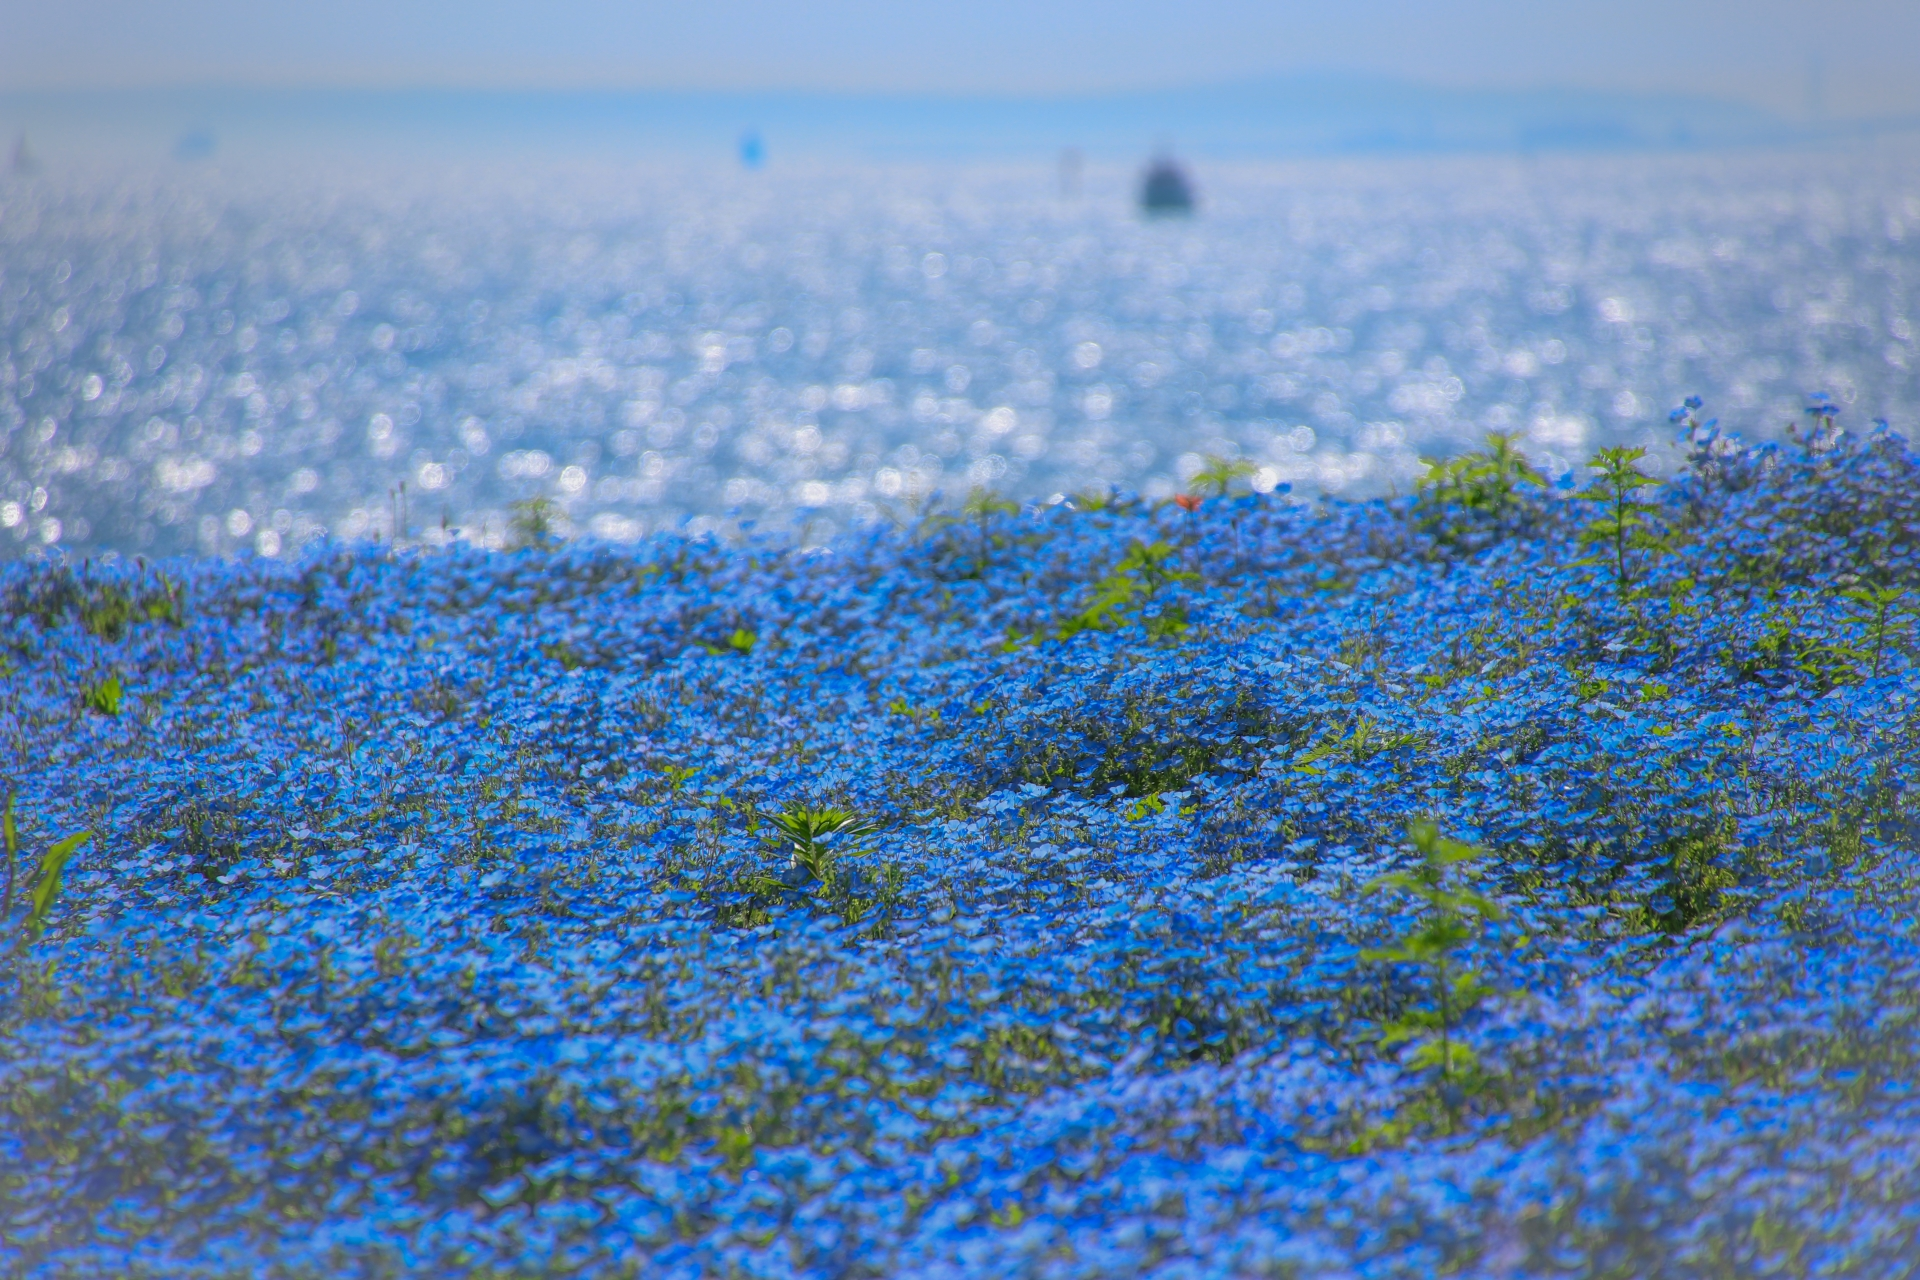 4488205_m 大阪府 大阪まいしまシーサイドパーク(一面に咲くネモフィラと空と海の青の絶景スポット! 写真の紹介、アクセス情報など)